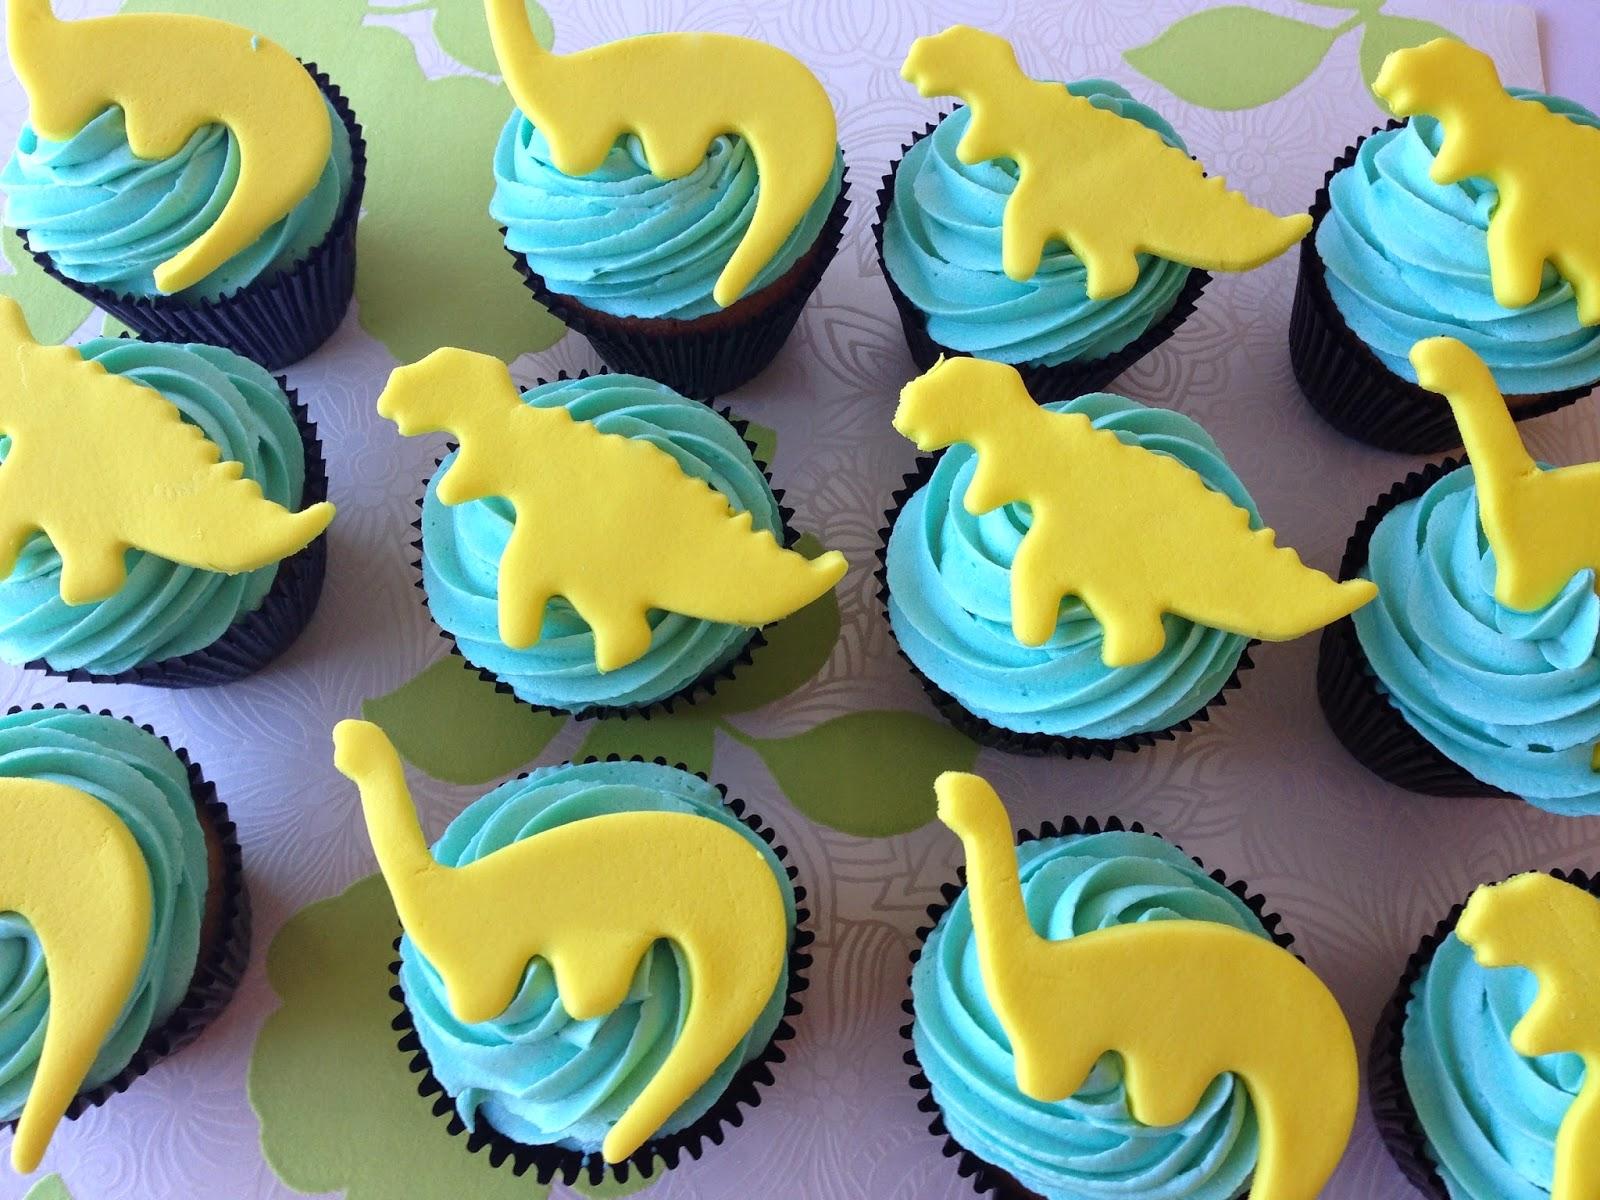 Cake Decorating Classes Durbanville